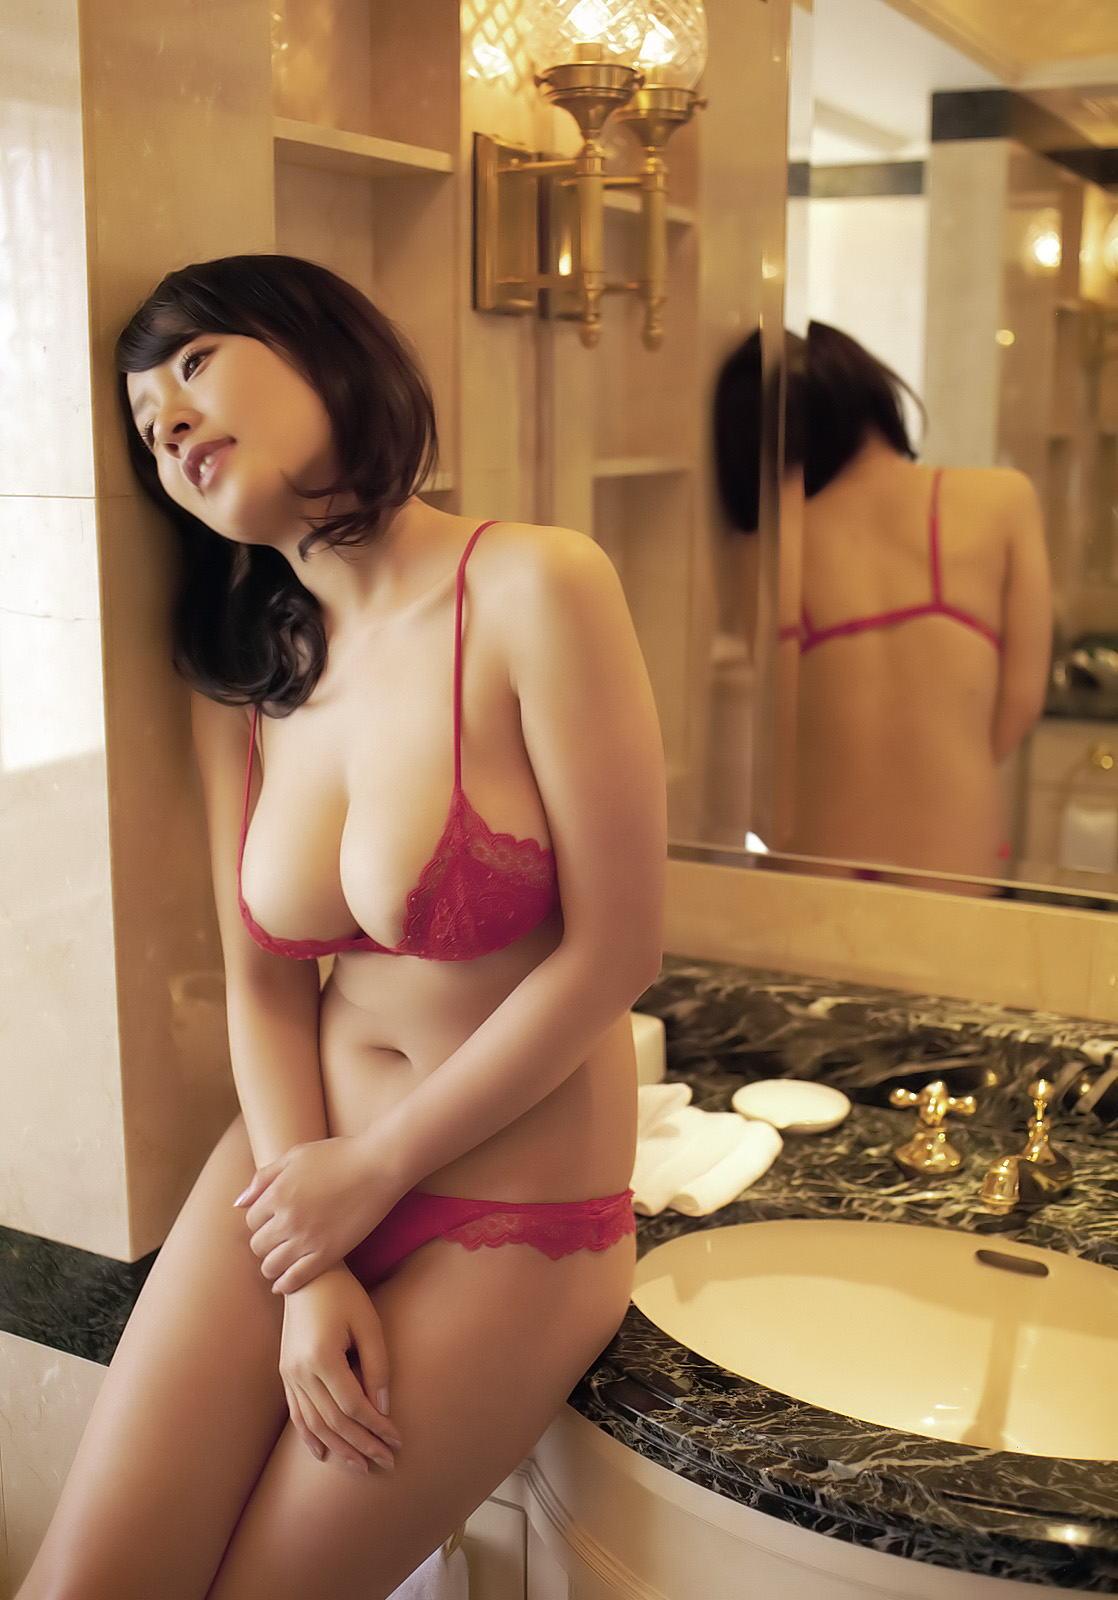 image http://scanlover.com/assets/images/3774-ejlyIxfUBIwJFs6I.jpeg